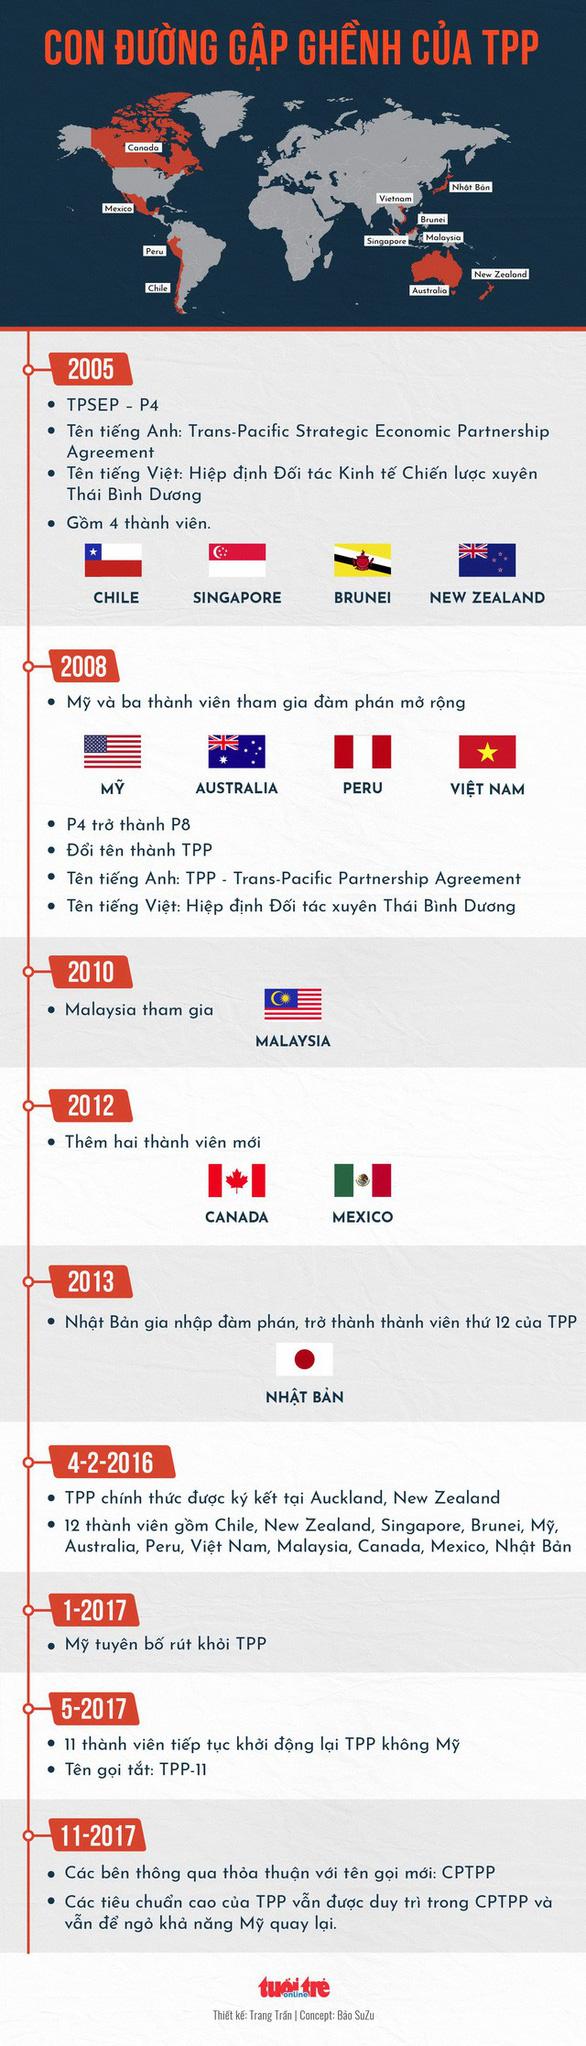 TPP-11 sẽ nhóm họp tại Nhật Bản, FTA với EU tách làm hai - Ảnh 2.